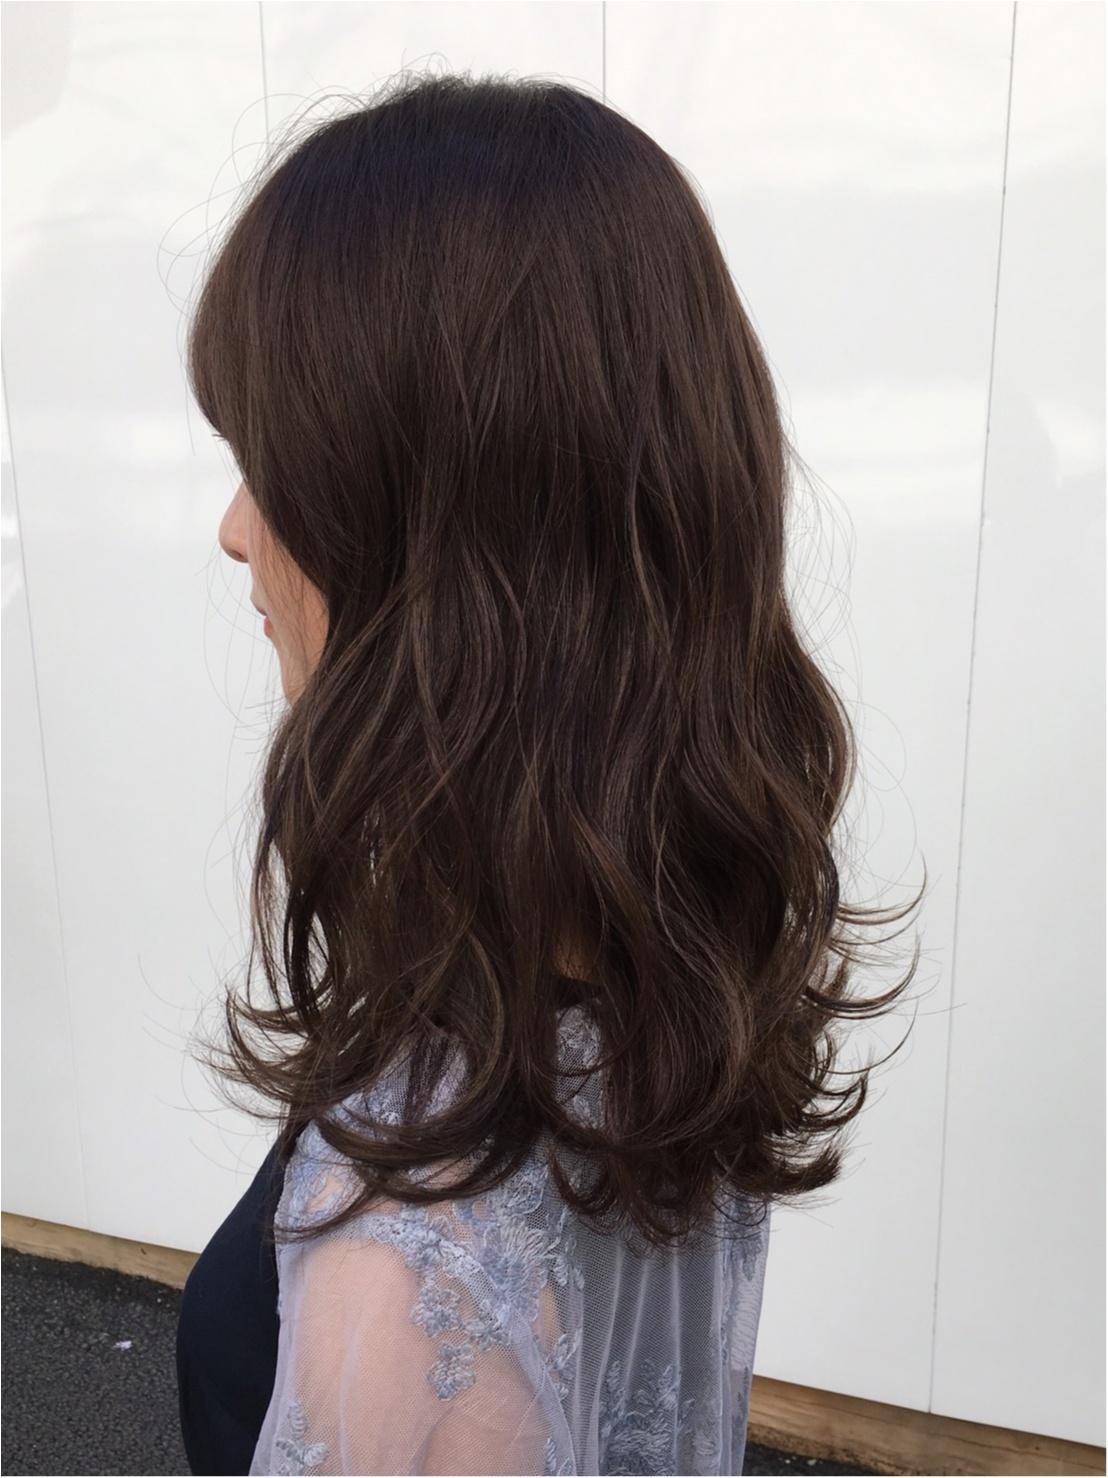 《暗髪でも圧倒的透明感!》秋のヘアカラーは【ラベンダーグレーアッシュ】がオススメ❤️_4